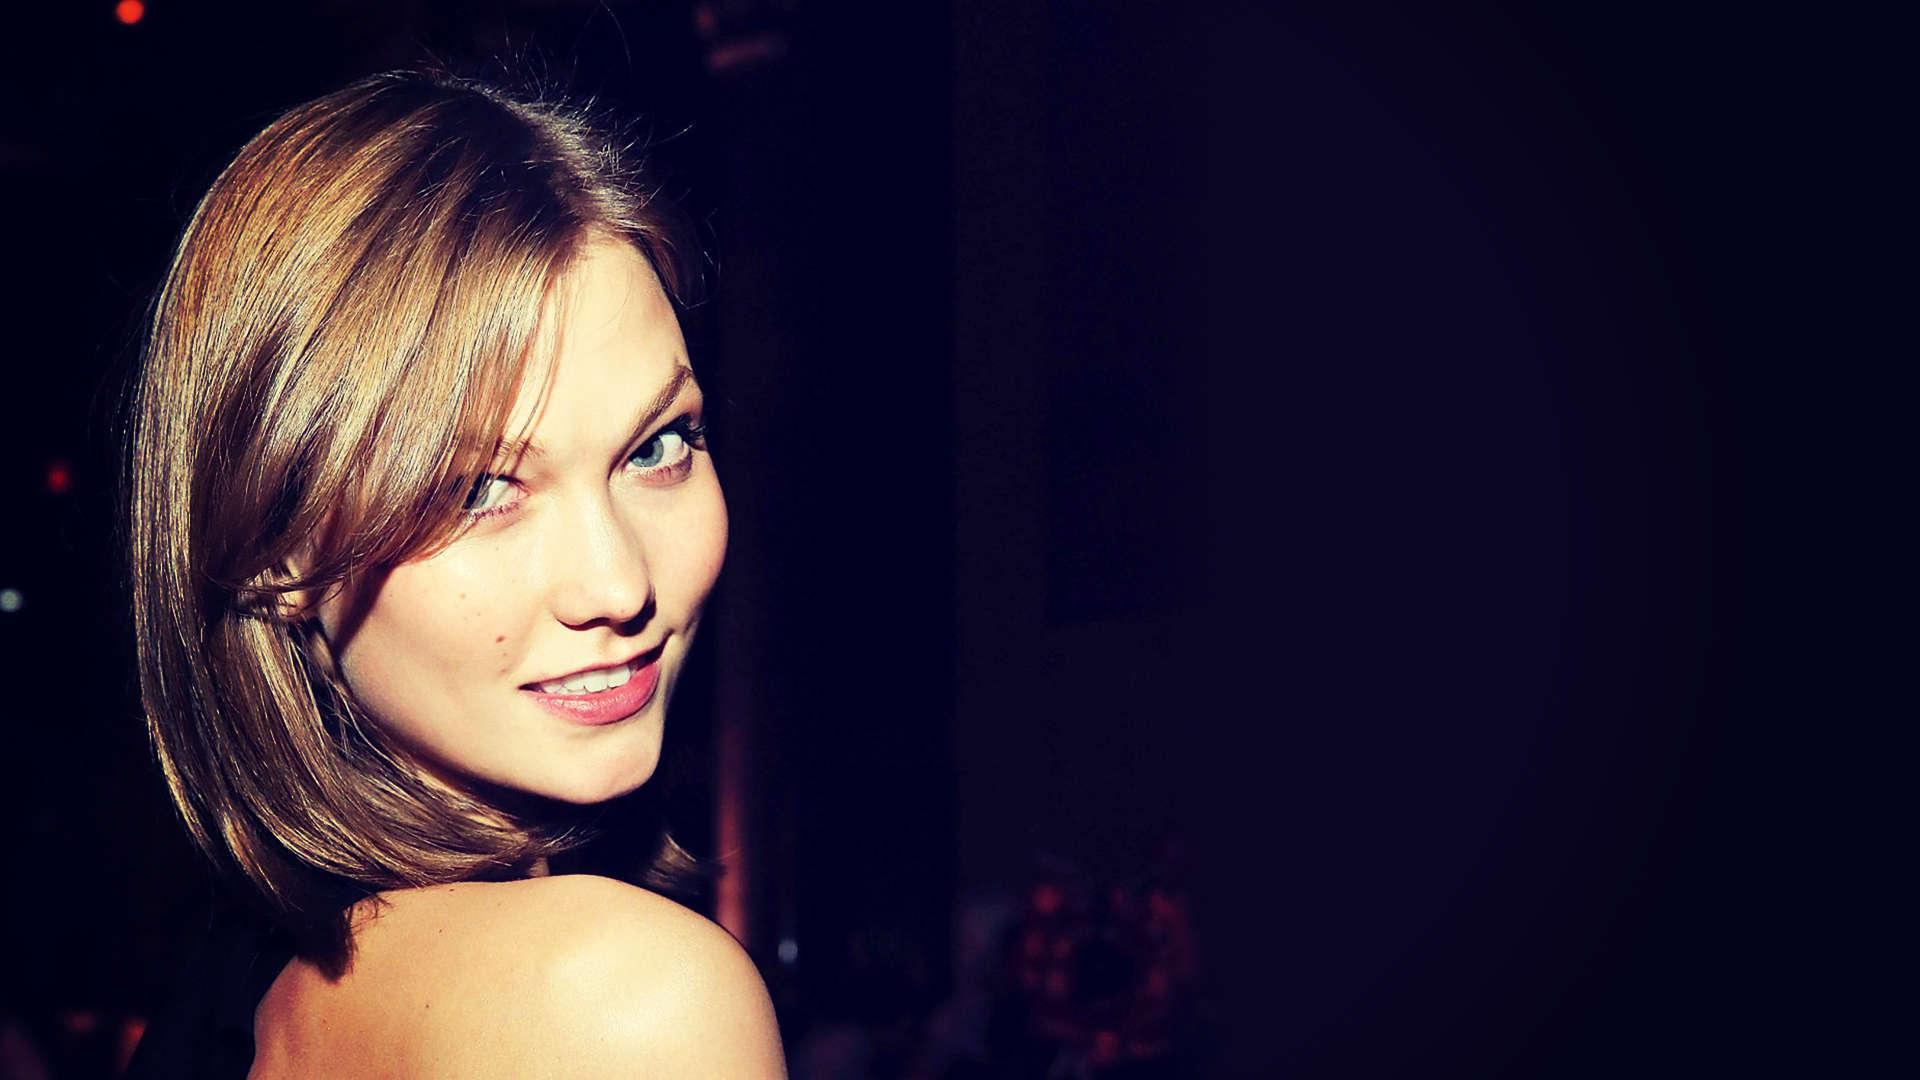 26 Gorgeous Hd Karlie Kloss Wallpapers Hdwallsource Com